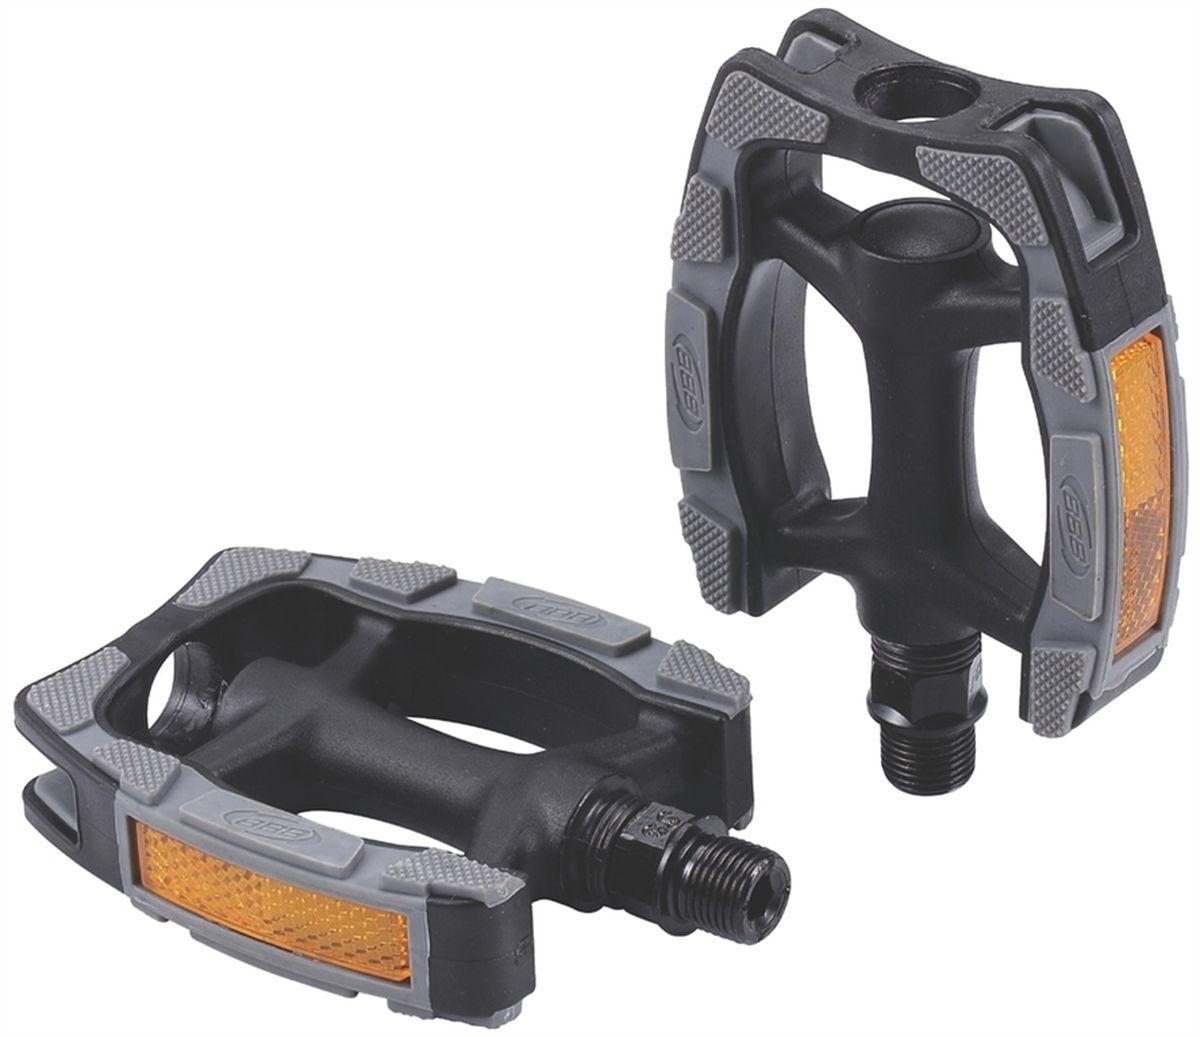 Педали BBB Trekking EasyTrek II, 2 штBPD-41Высокопрочные одноэлементные педали из композитного материала с нескользящим резиновым покрытием. Встроенные светоотражатели для лучшей видимости в темноте. Прочная ось из бористой стали.